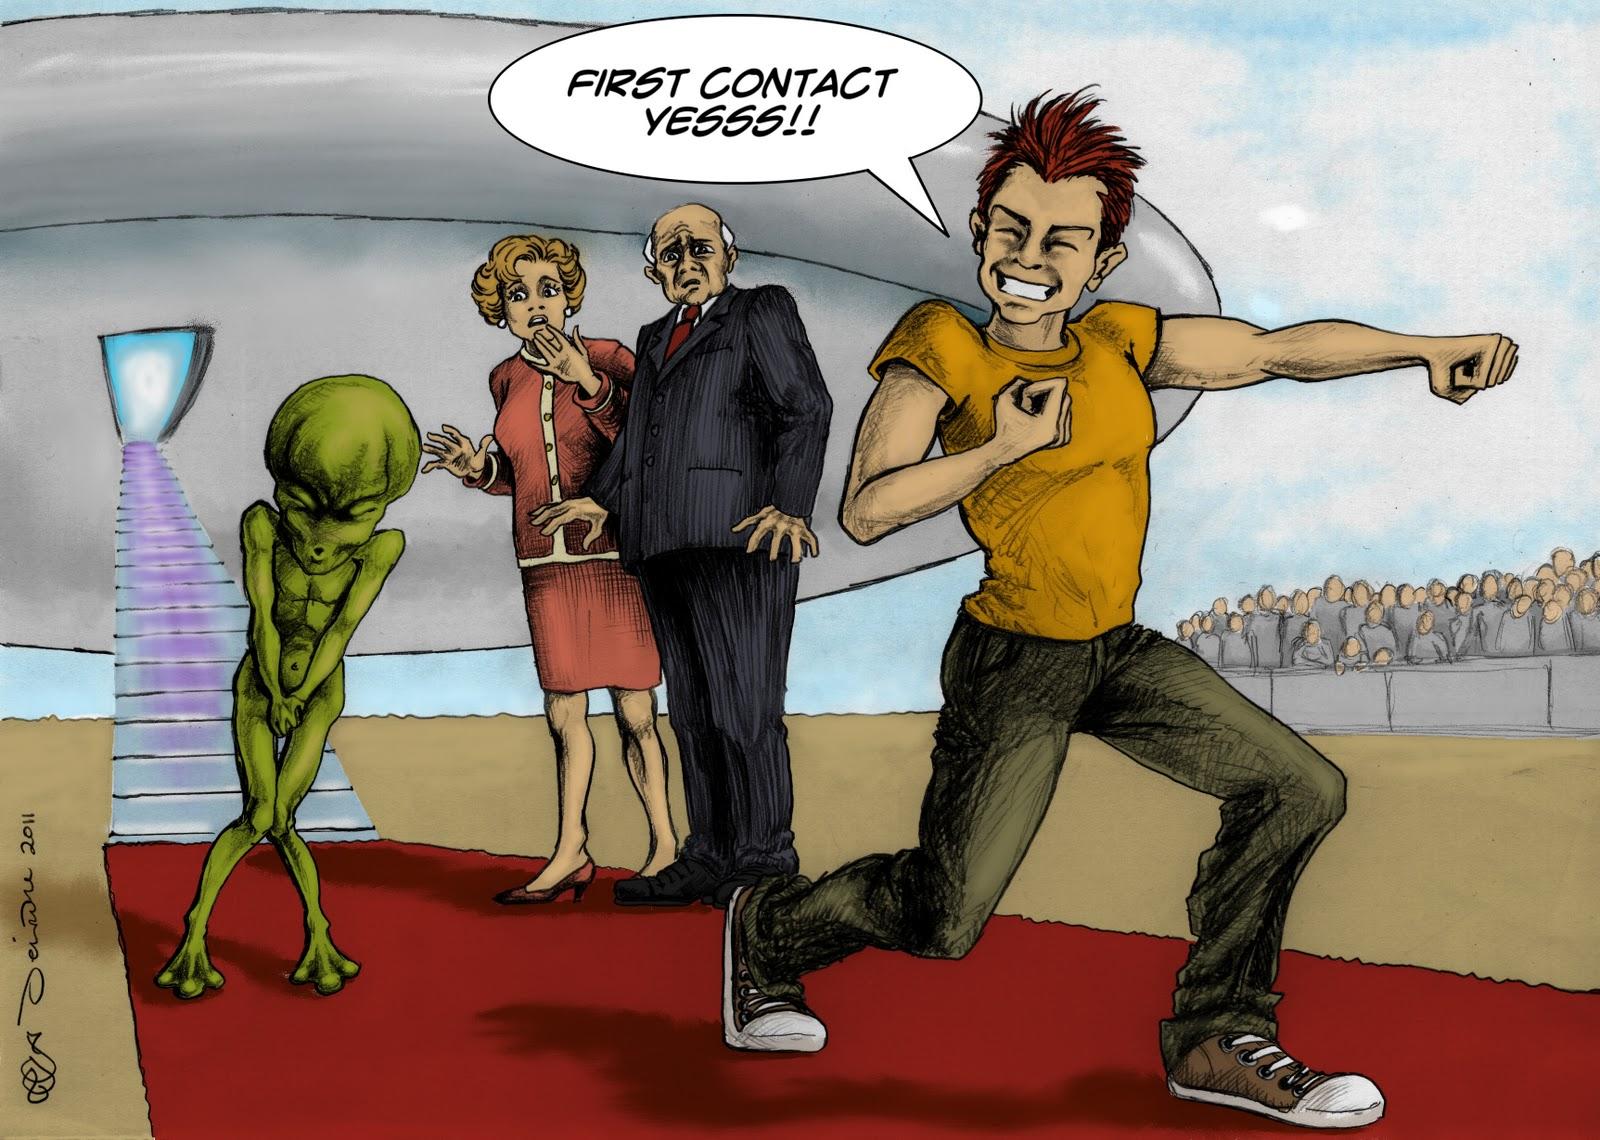 http://2.bp.blogspot.com/_MaixwItZBWg/TUL3GRsQ54I/AAAAAAAAAaY/_Hi6I8wmK0E/s1600/Aliens+First+Contact.jpg